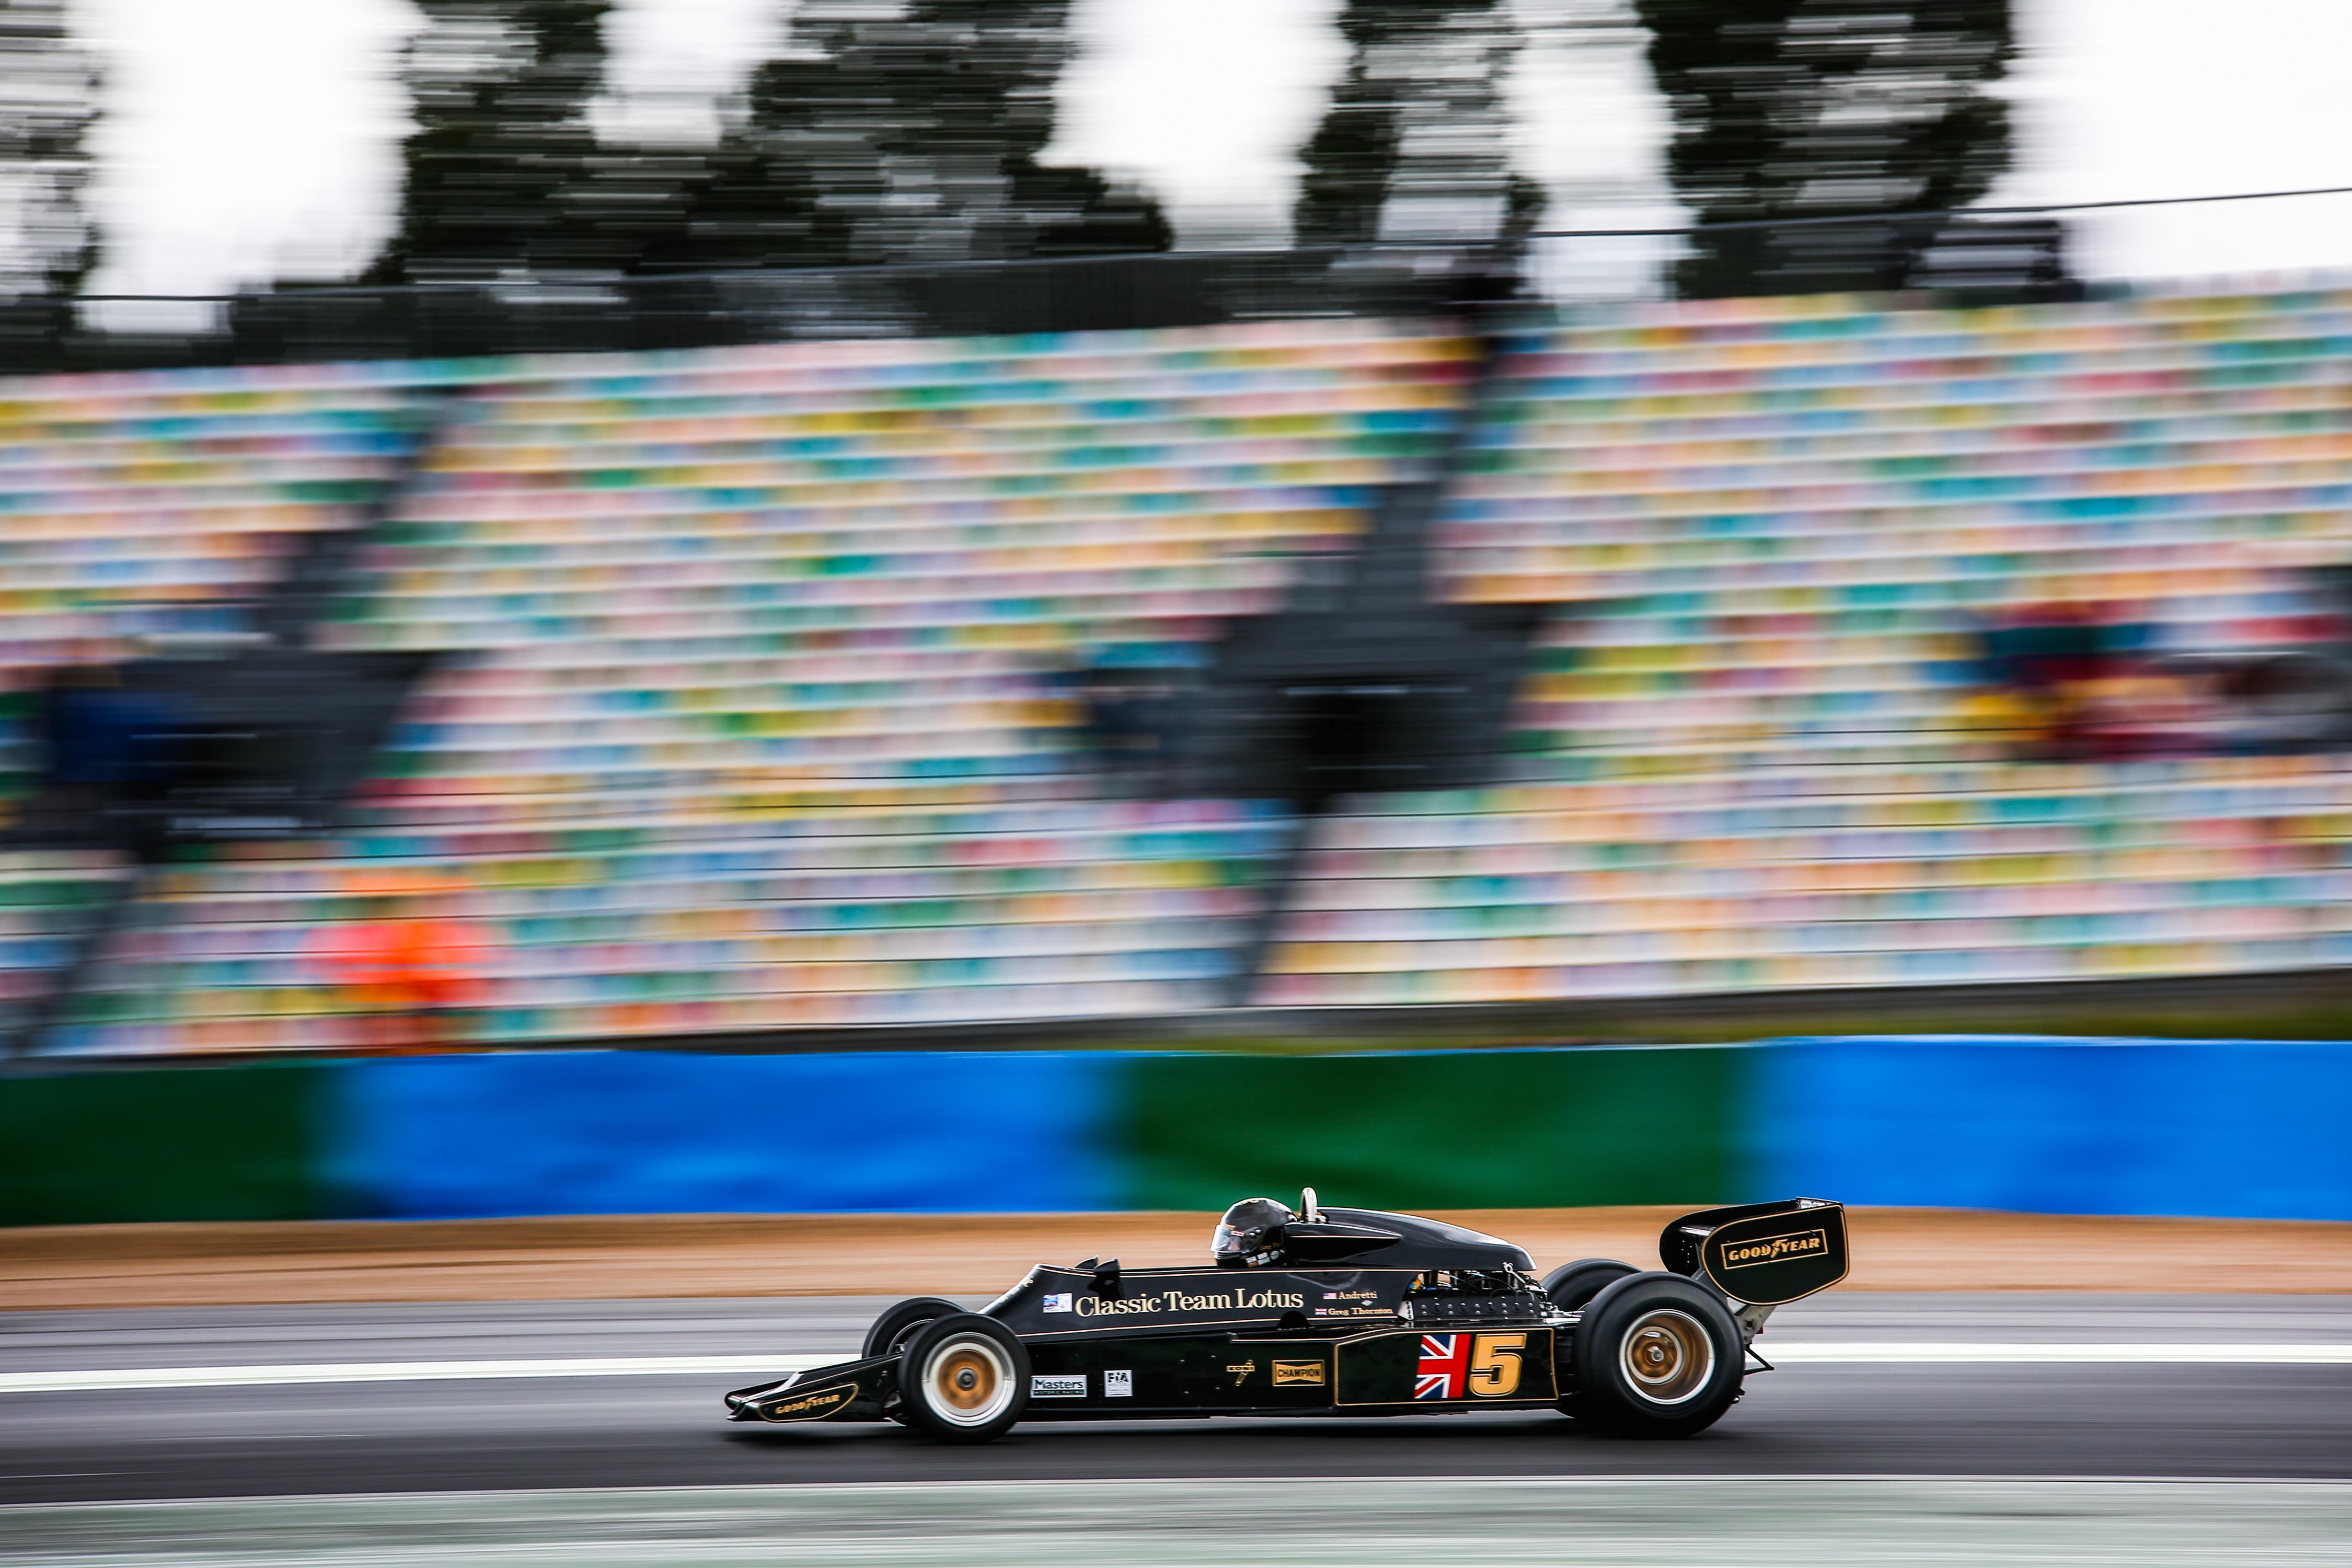 65 Team Lotus